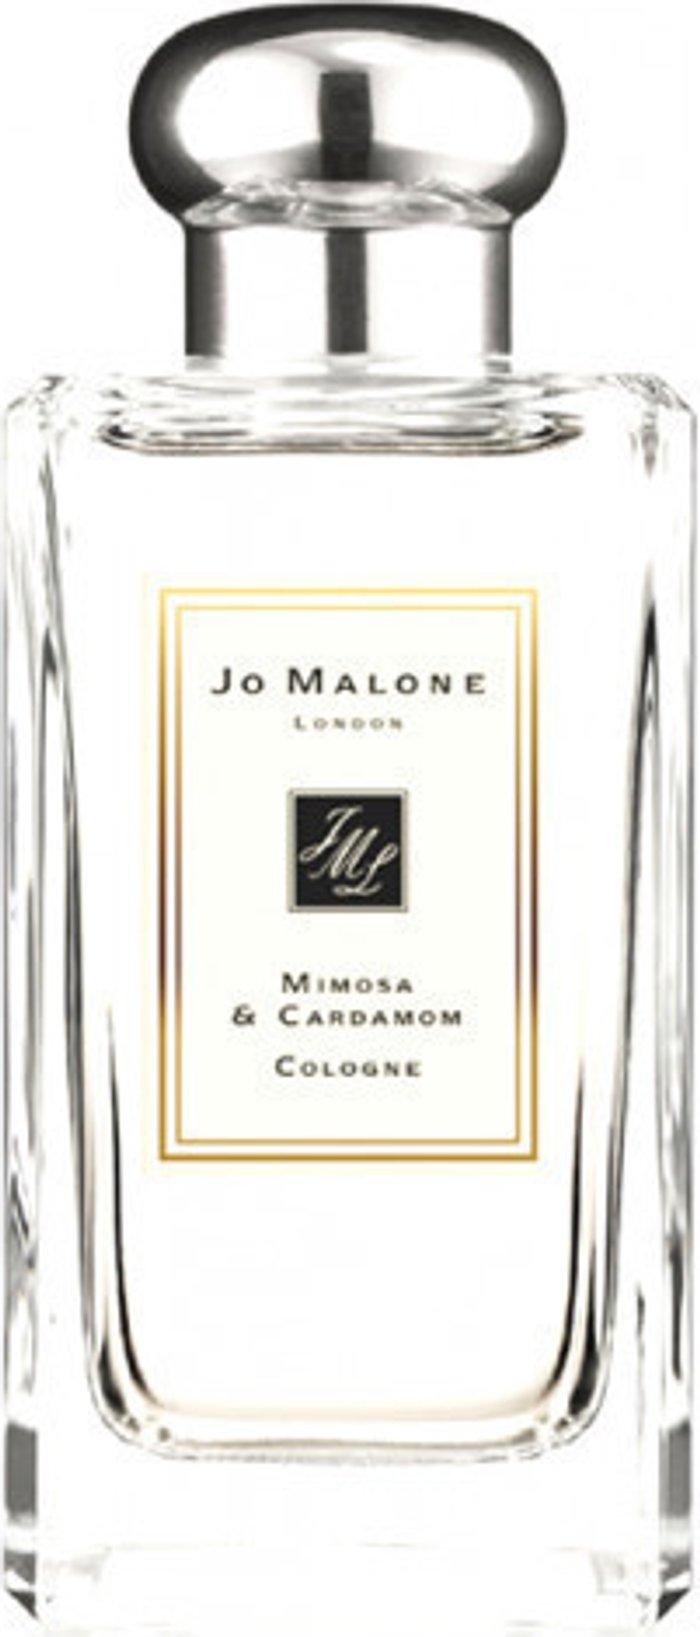 Jo Malone Jo Malone Mimosa & Cardamom Eau de Cologne (100ml)